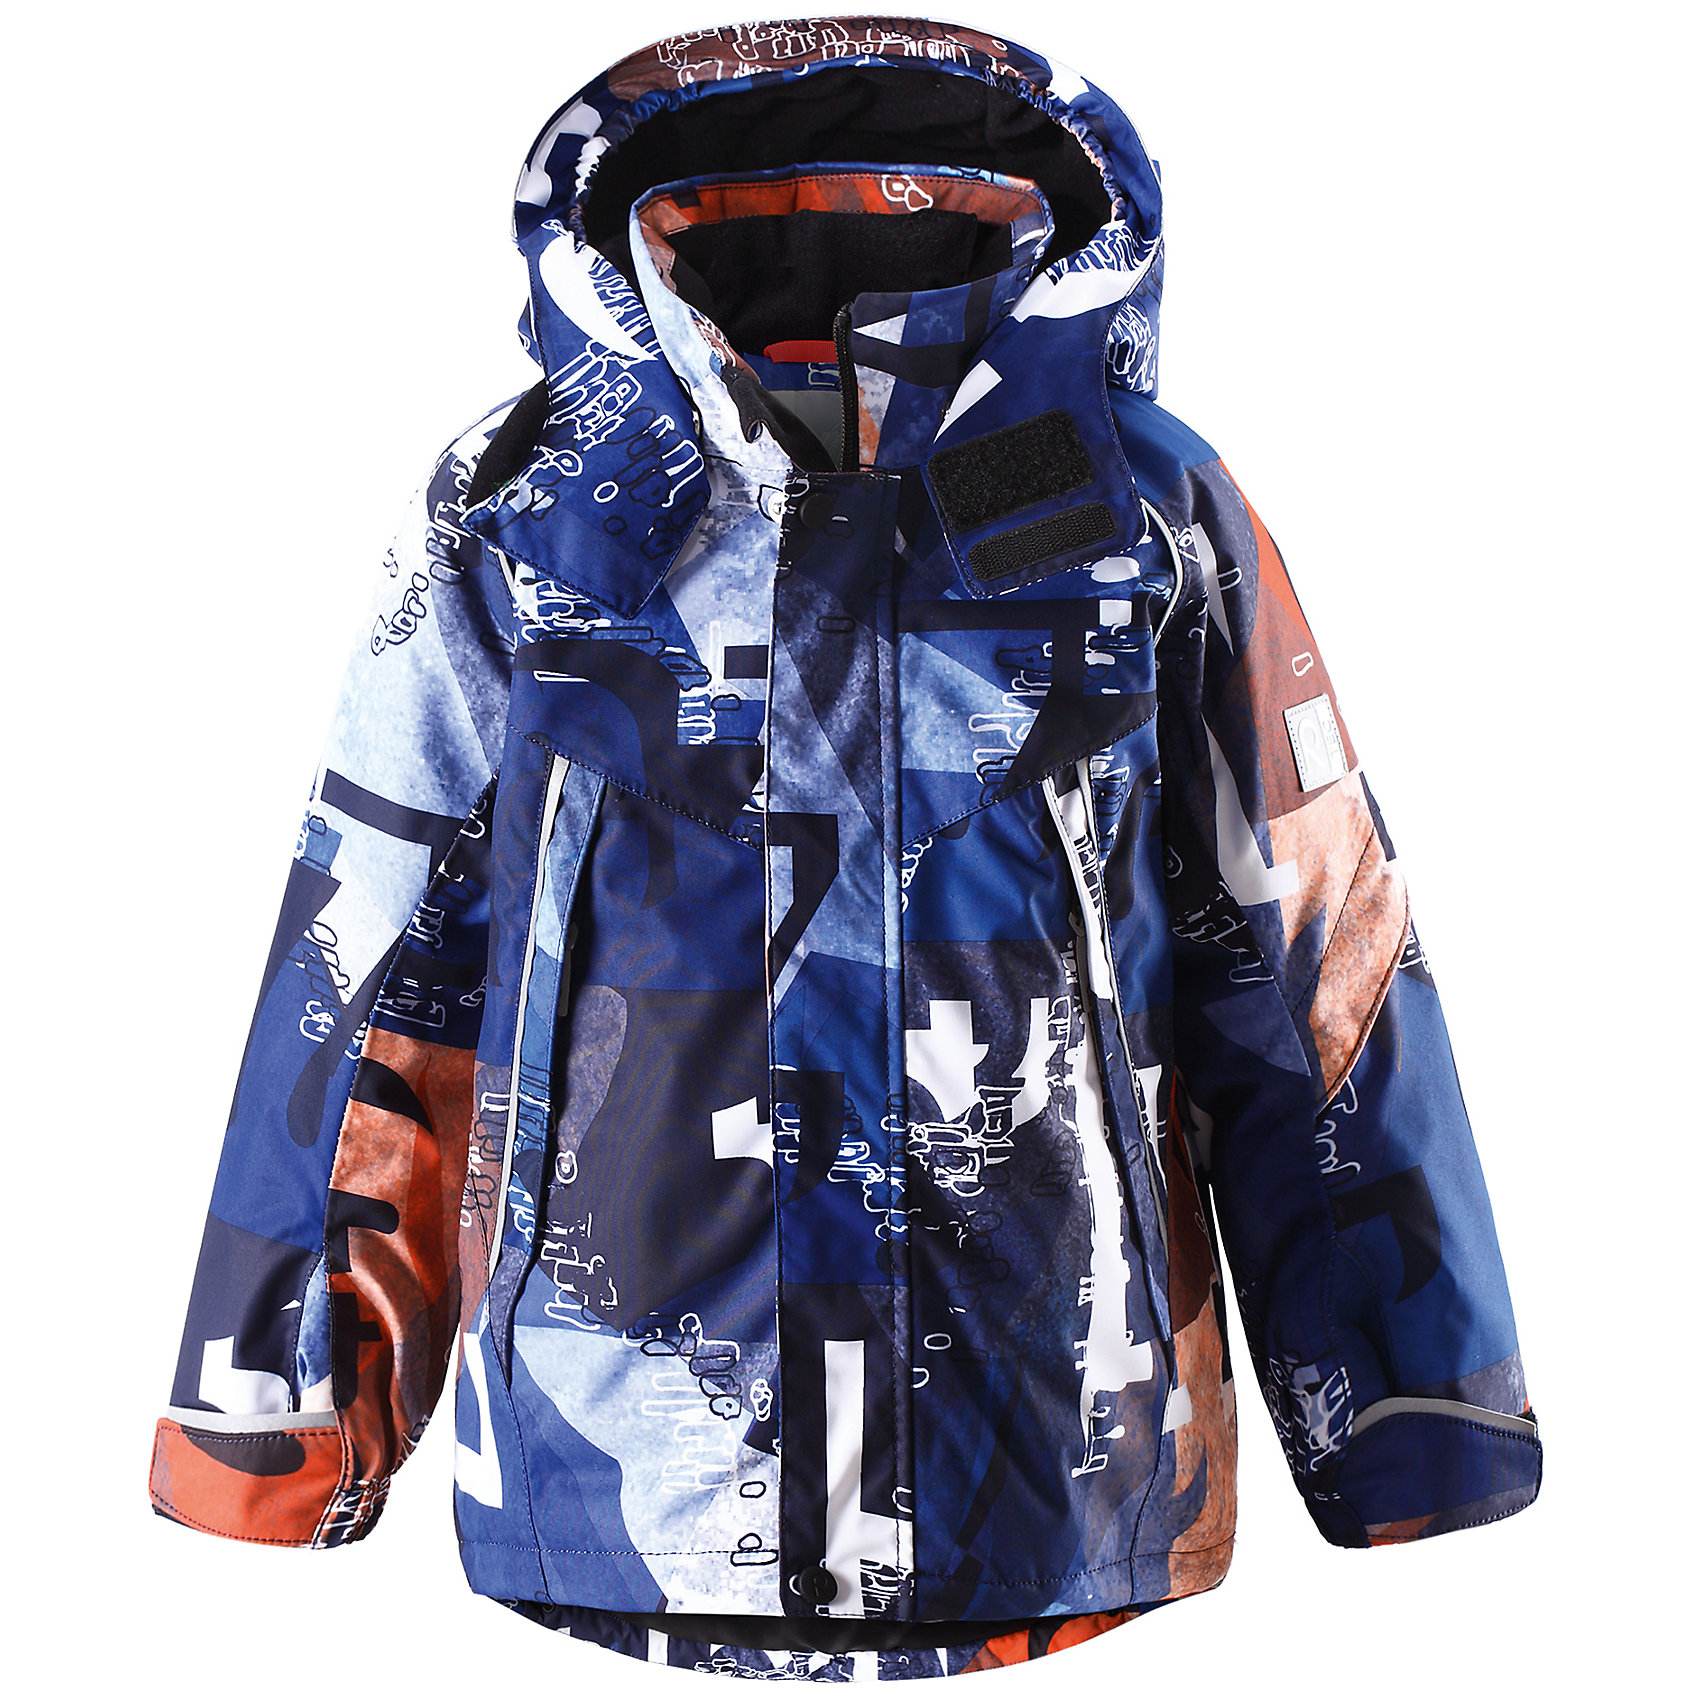 Куртка Reimatec для мальчика ReimaВодоотталкивающая функциональная куртка - обязательная деталь гардероба каждого маленького энтузиаста, независимо от того, куда он идет, в школу и кататься на горку! Зимняя куртка Reimatec® изготовлена ??из полностью водонепроницаемого материала. Ветронепроницаемый, но дышащий материал обеспечивает комфорт и не позволяет ребенку вспотеть во время продолжительного отдыха на открытом воздухе. Водо- и грязеотталкивающая поверхность и проклеенные швы предотвращают попадание воды и грязи. Гладкая подкладка из полиэстера позволяет легко надевать куртку. Обратите внимание, что куртка оснащена специальными кнопками Play Layers®, что позволяет пристегивать к ней промежуточный слой Reima® для дополнительного тепла и комфорта. На капюшоне имеется клапан, защищающий шею от ветра, и козырек, обеспечивающий видимость ребенка в темноте. Куртка регулируется на талии для хорошей посадки, манжеты регулируются с помощью липучки. Кроме карманов на молнии, на куртке имеется внутренний нагрудный карман и карман на рукаве для хранения карточки лыжного клуба. Модный красочный принт привлечет внимание днем, а светоотражающие детали не позволят куртке остаться незамеченной в темноте! Проста в уходе, можно сушить в центрифуге.<br><br>Дополнительная информация:<br><br>Средняя степень утепления (до - 20)<br>Утеплитель: 160 г<br>Водонепроницаемая зимняя куртка для детей постарше, модель для мальчиков<br>Все швы проклеены, водонепроницаемы<br>Безопасный съемный капюшон со светоотражающим козырьком<br>На рукаве карман для карты лыжного клуба<br>Два кармана на молниях<br>Подол регулируется<br>Безопасные светоотражающие детали<br><br>Куртку Reimatec (Рейматек) для мальчика Reima (Рейма) можно купить в нашем магазине.<br><br>Ширина мм: 356<br>Глубина мм: 10<br>Высота мм: 245<br>Вес г: 519<br>Цвет: синий<br>Возраст от месяцев: 24<br>Возраст до месяцев: 36<br>Пол: Мужской<br>Возраст: Детский<br>Размер: 98,122,128,140,134,92,104,110,116<br>SKU: 4412999